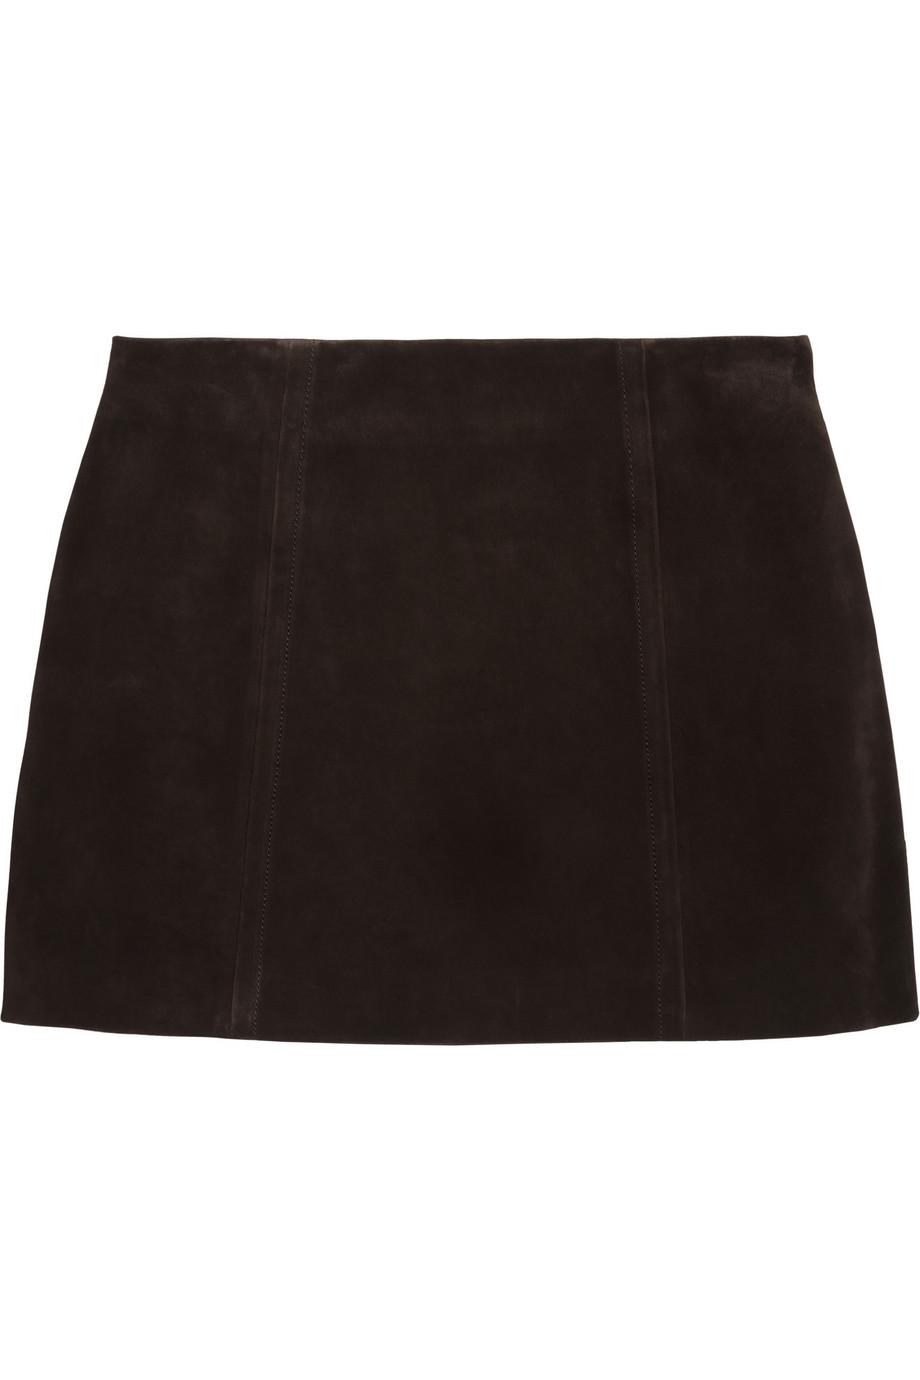 Miu miu Suede Mini Skirt in Brown | Lyst